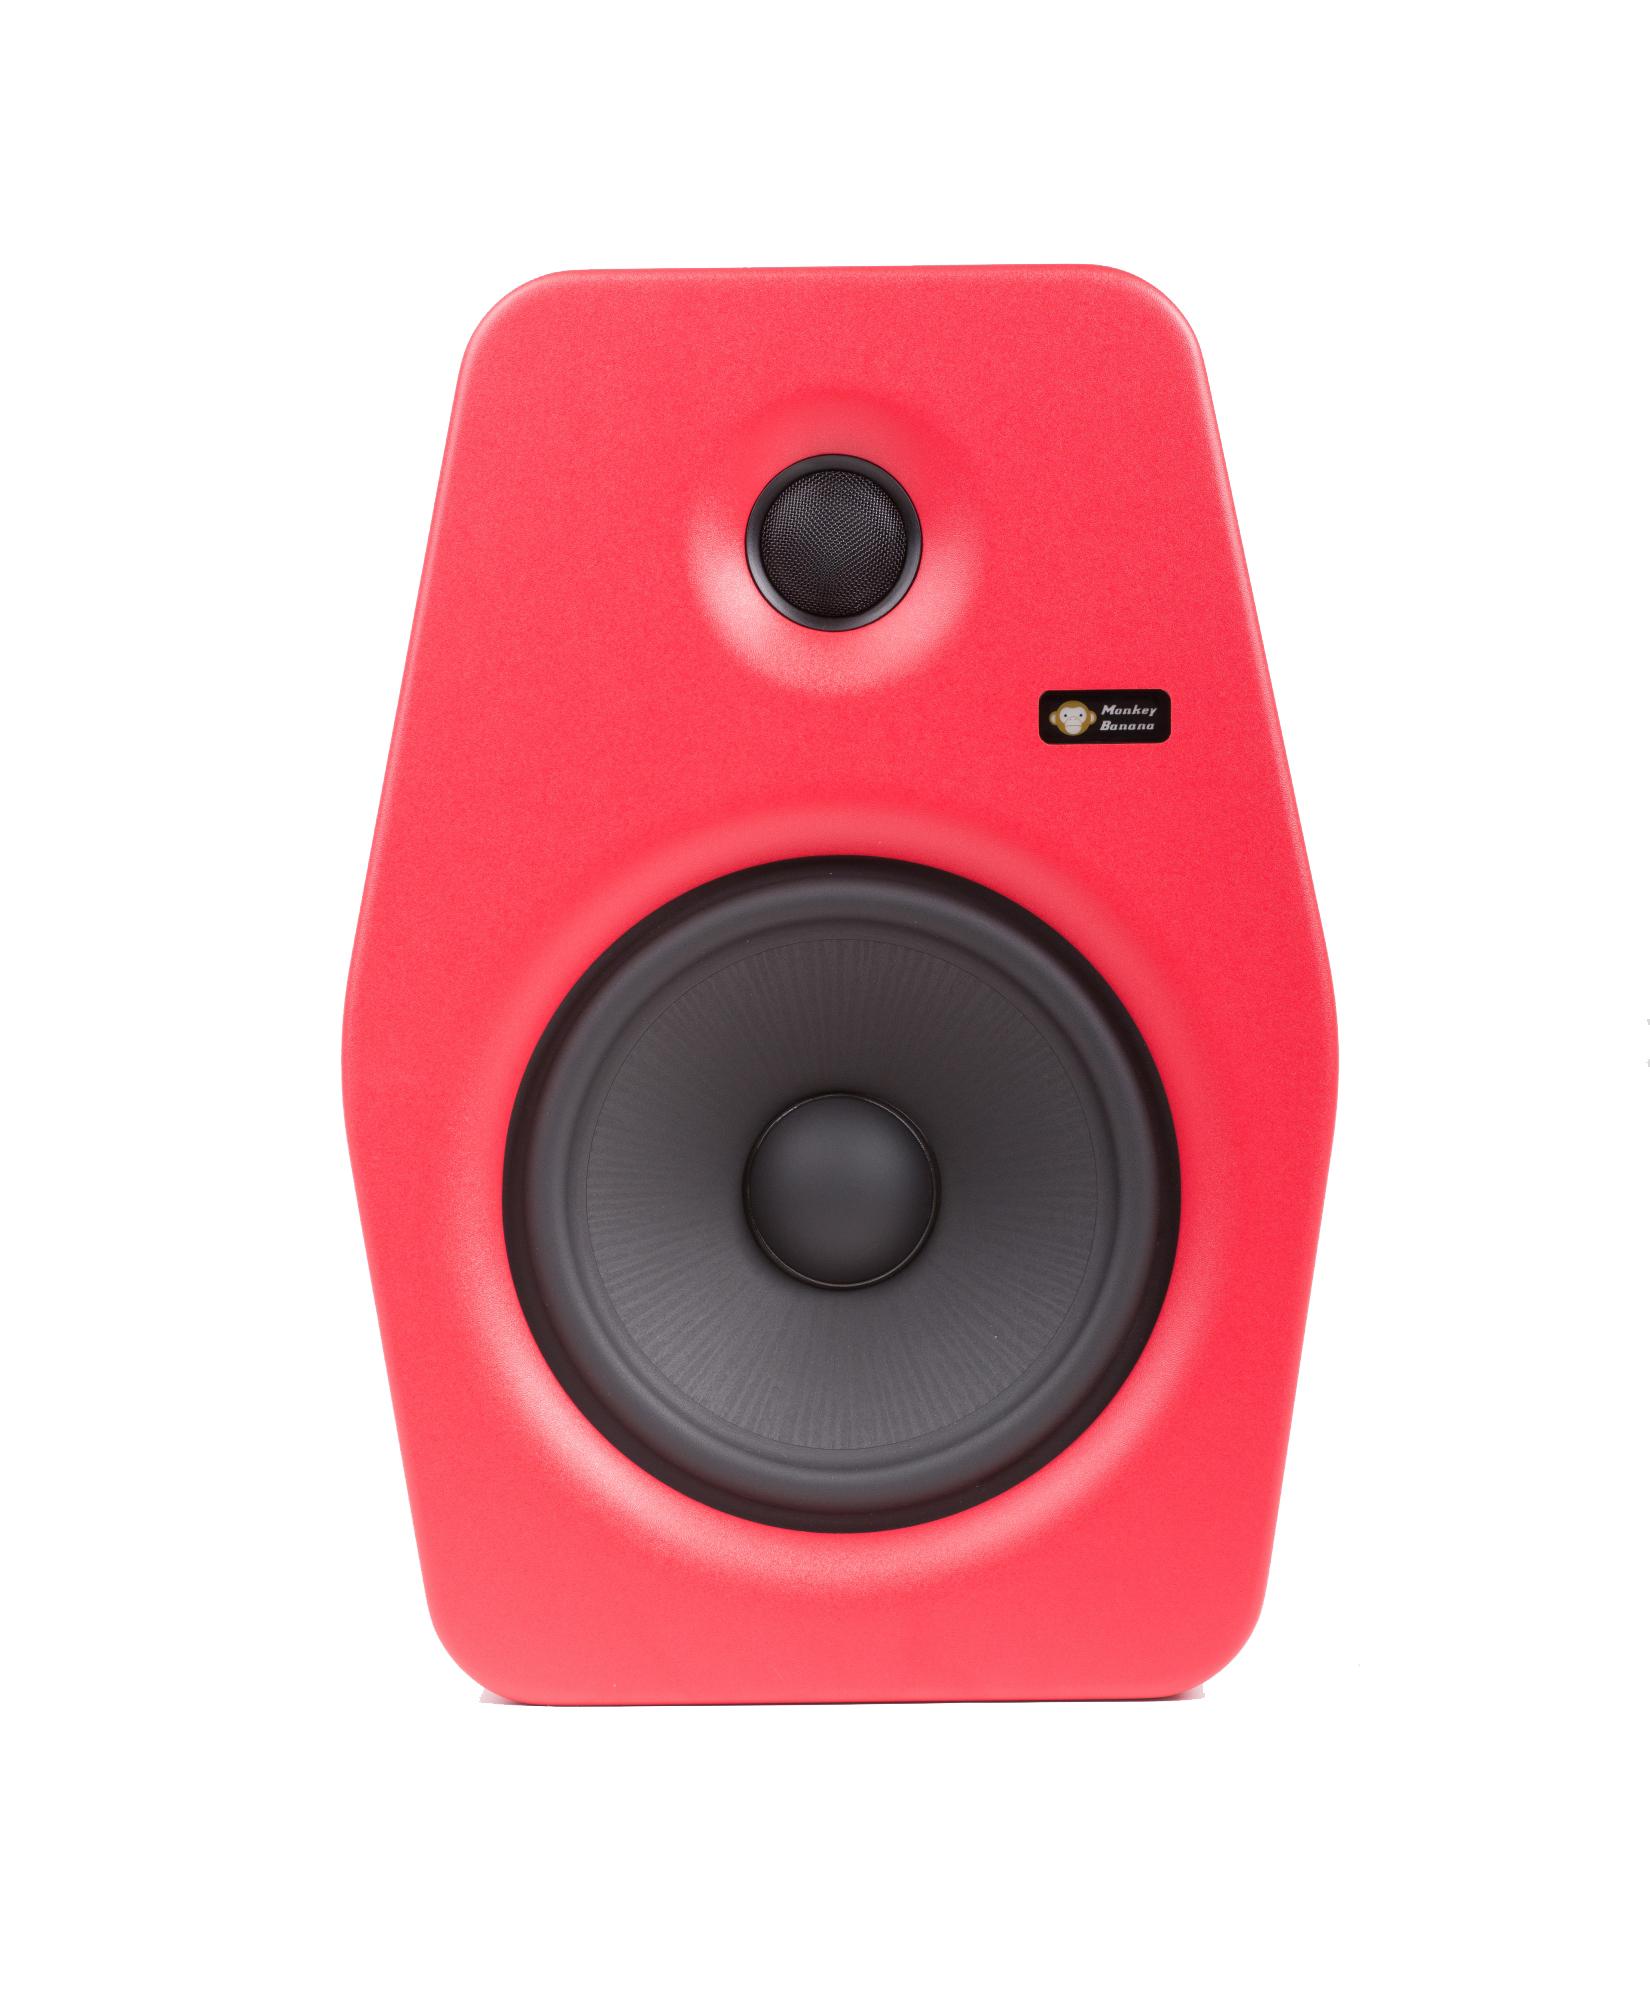 Billede af Monkey Banana Turbo 8 studie højttaler, rød